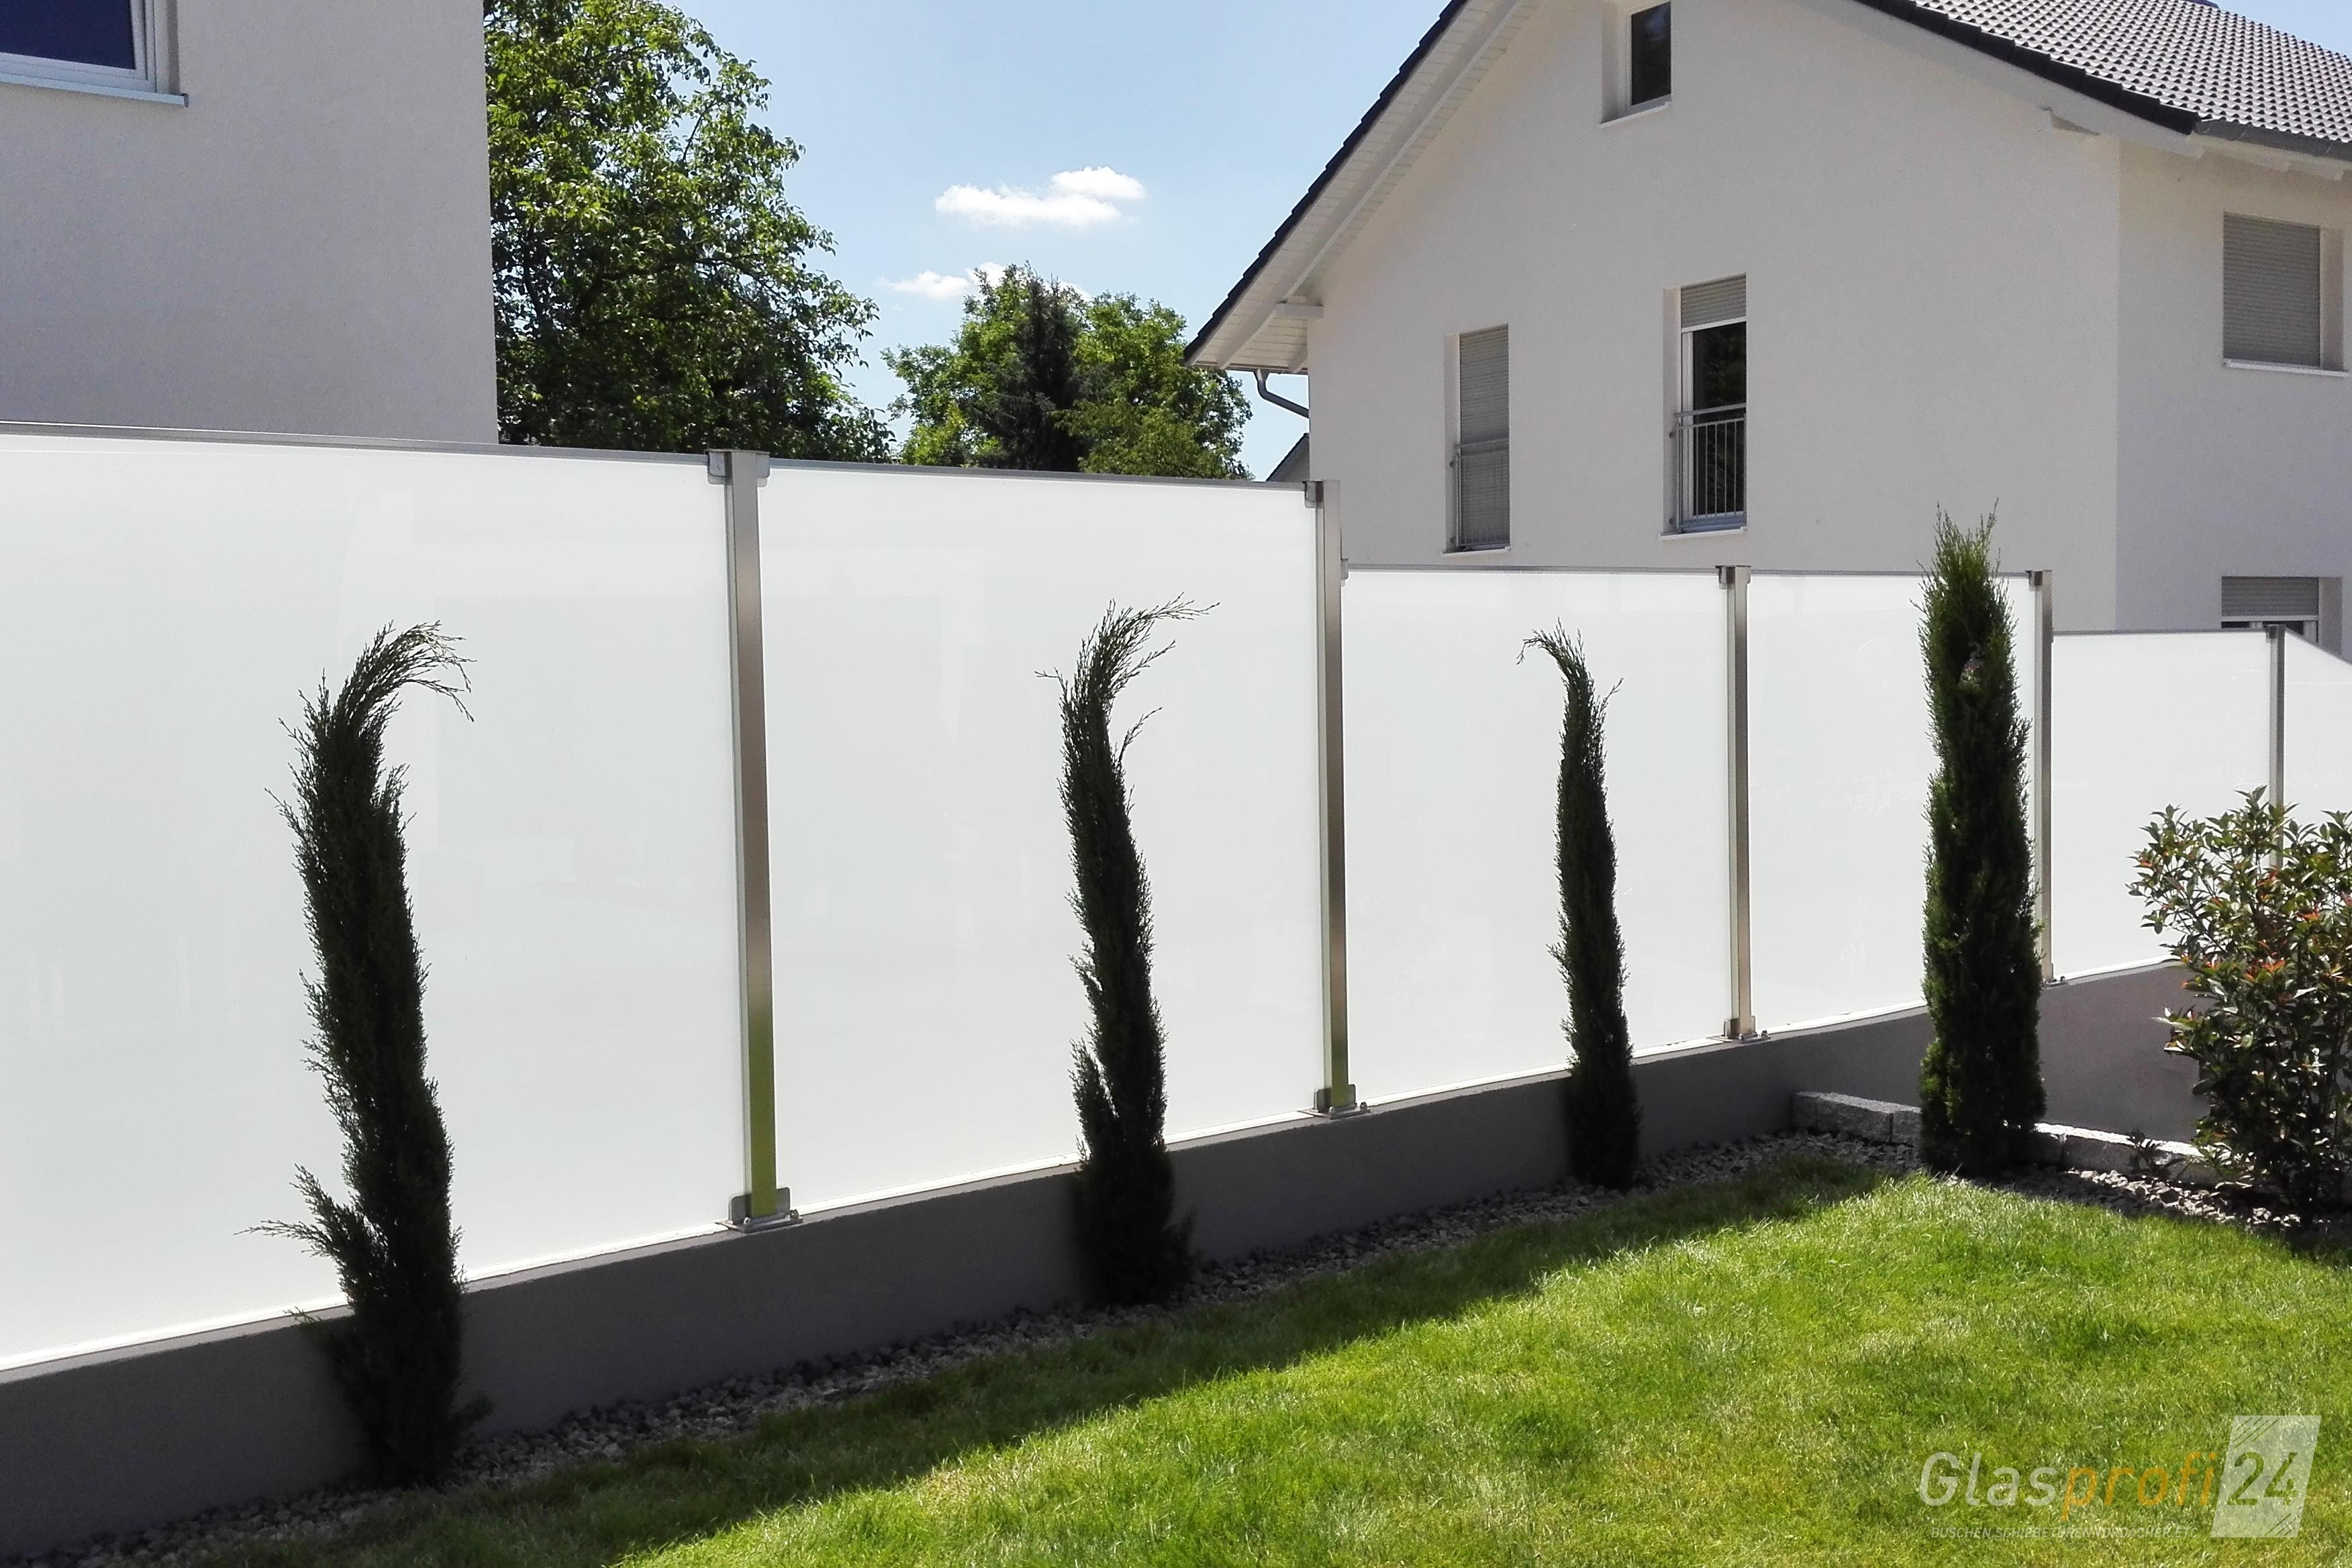 Glaszaun f r wind und sichtschutz glasprofi24 - Beweglicher sichtschutz garten ...